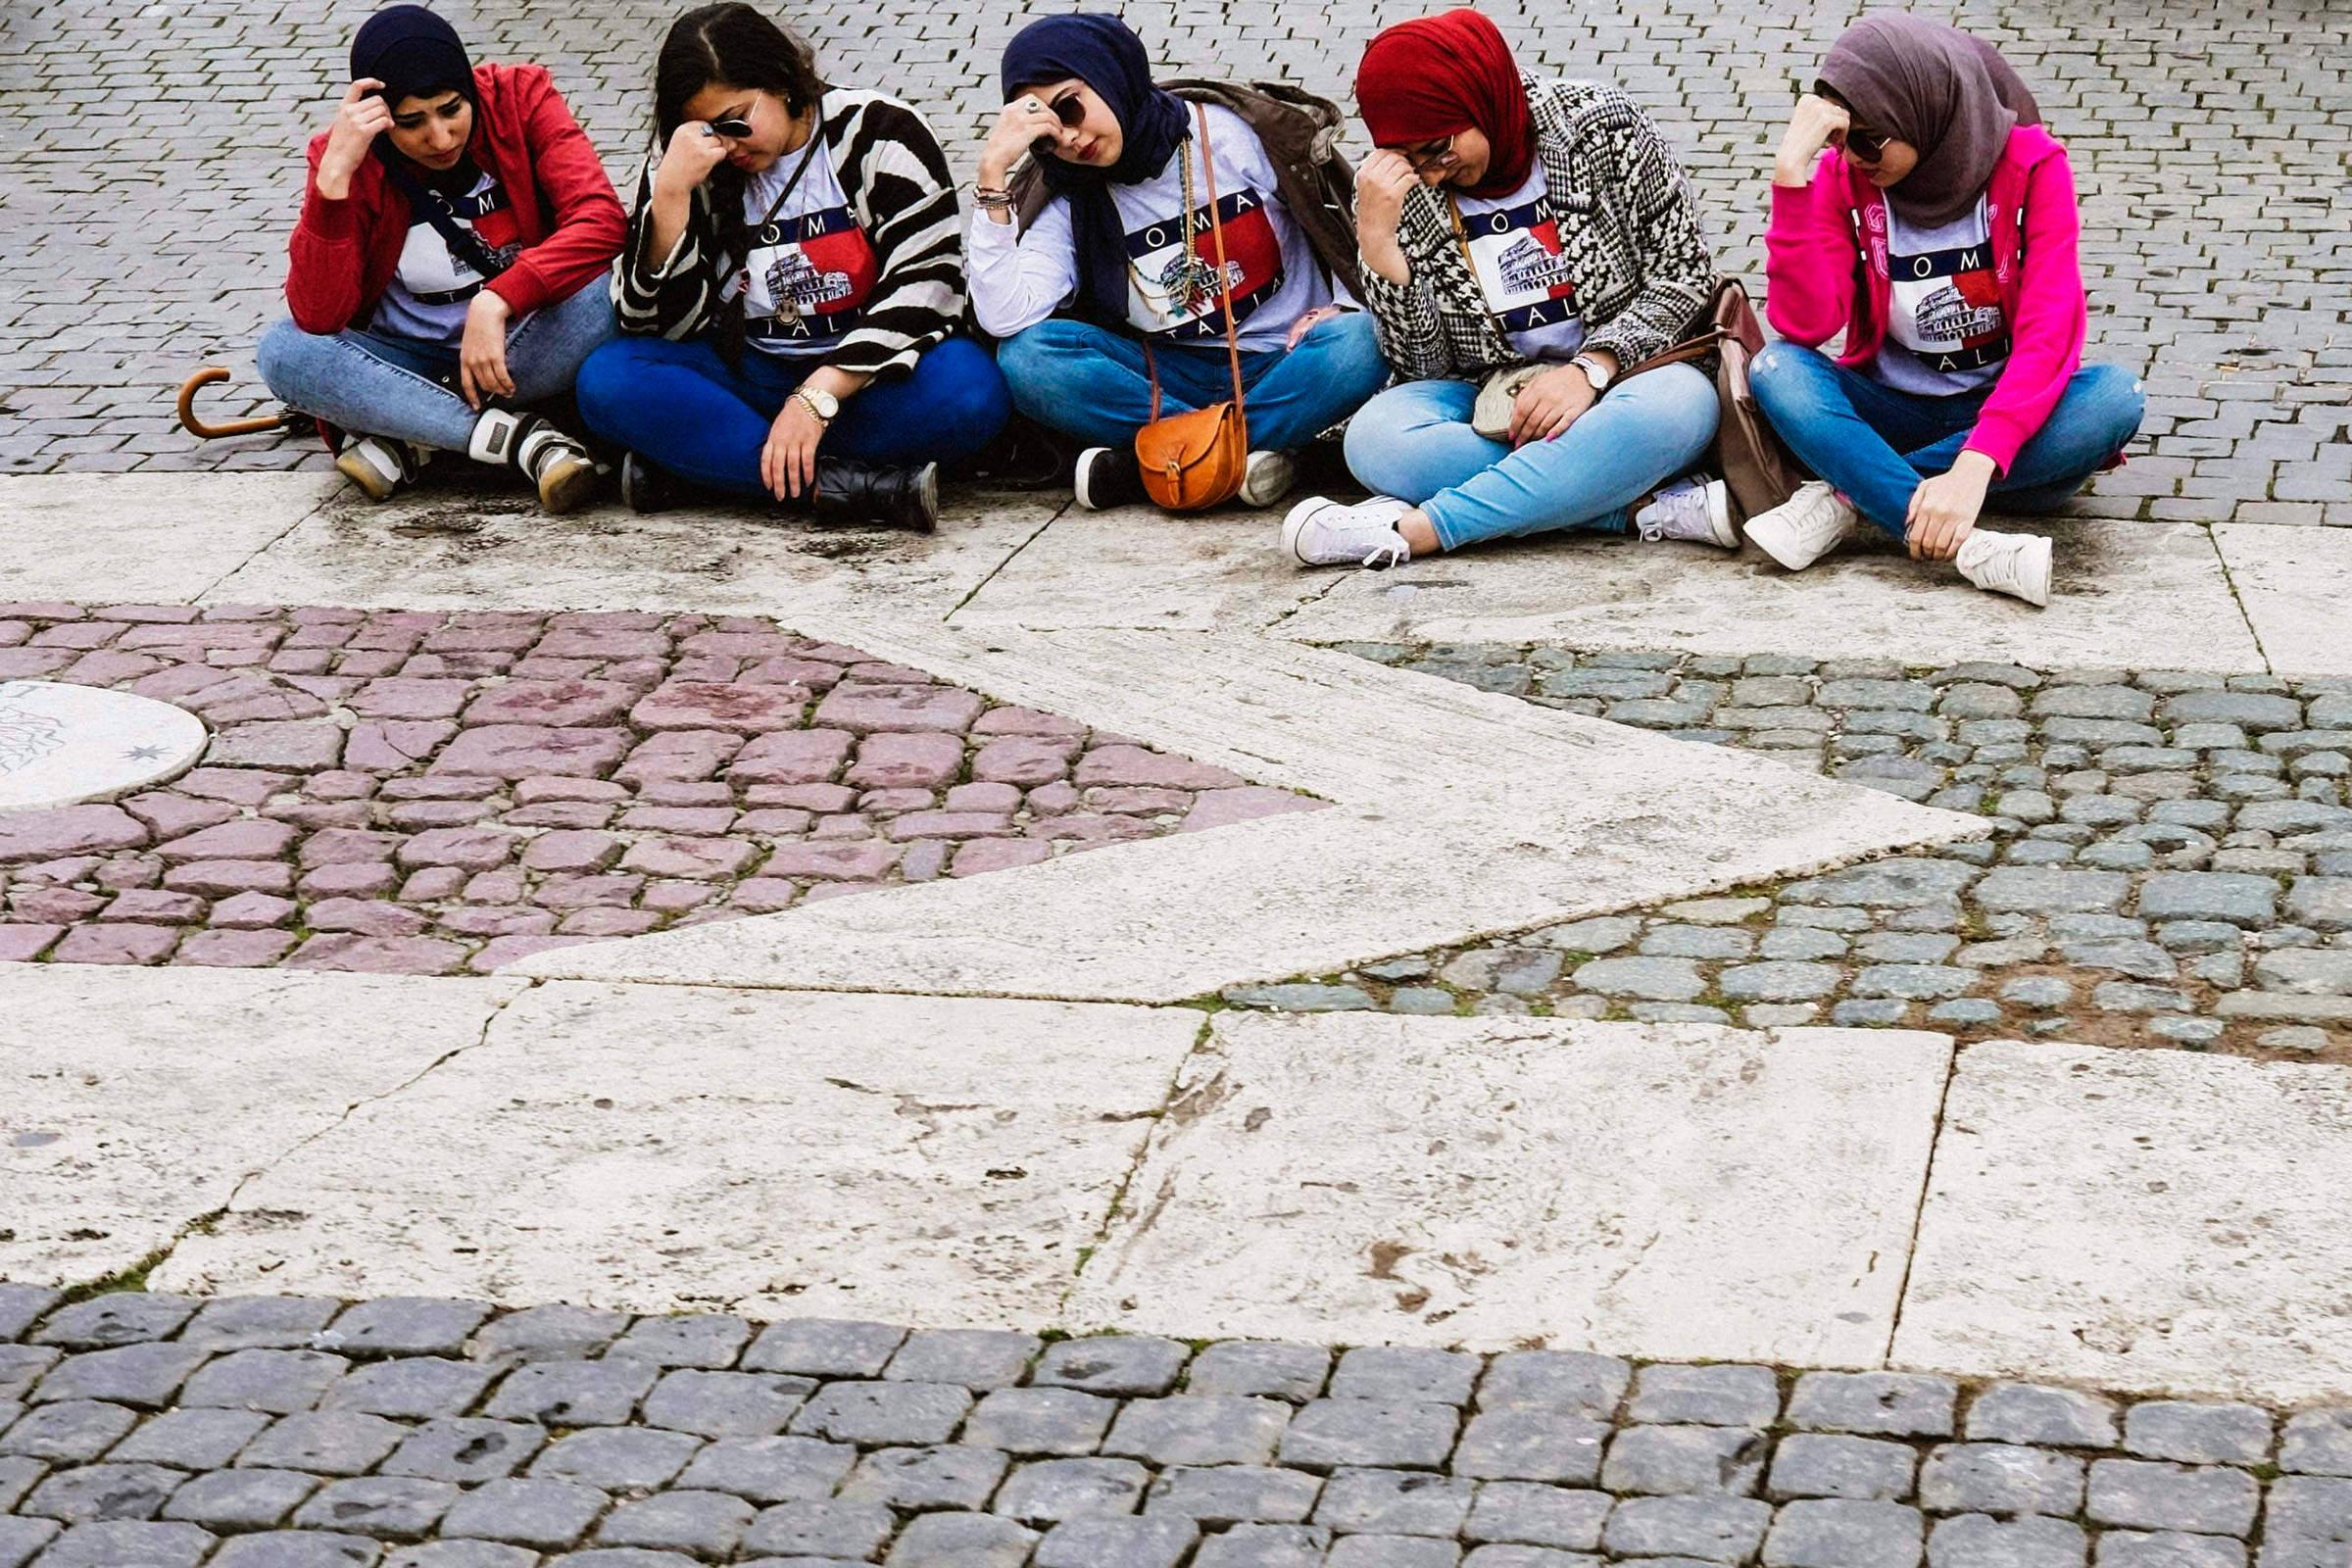 Italy-Street-Photography-11